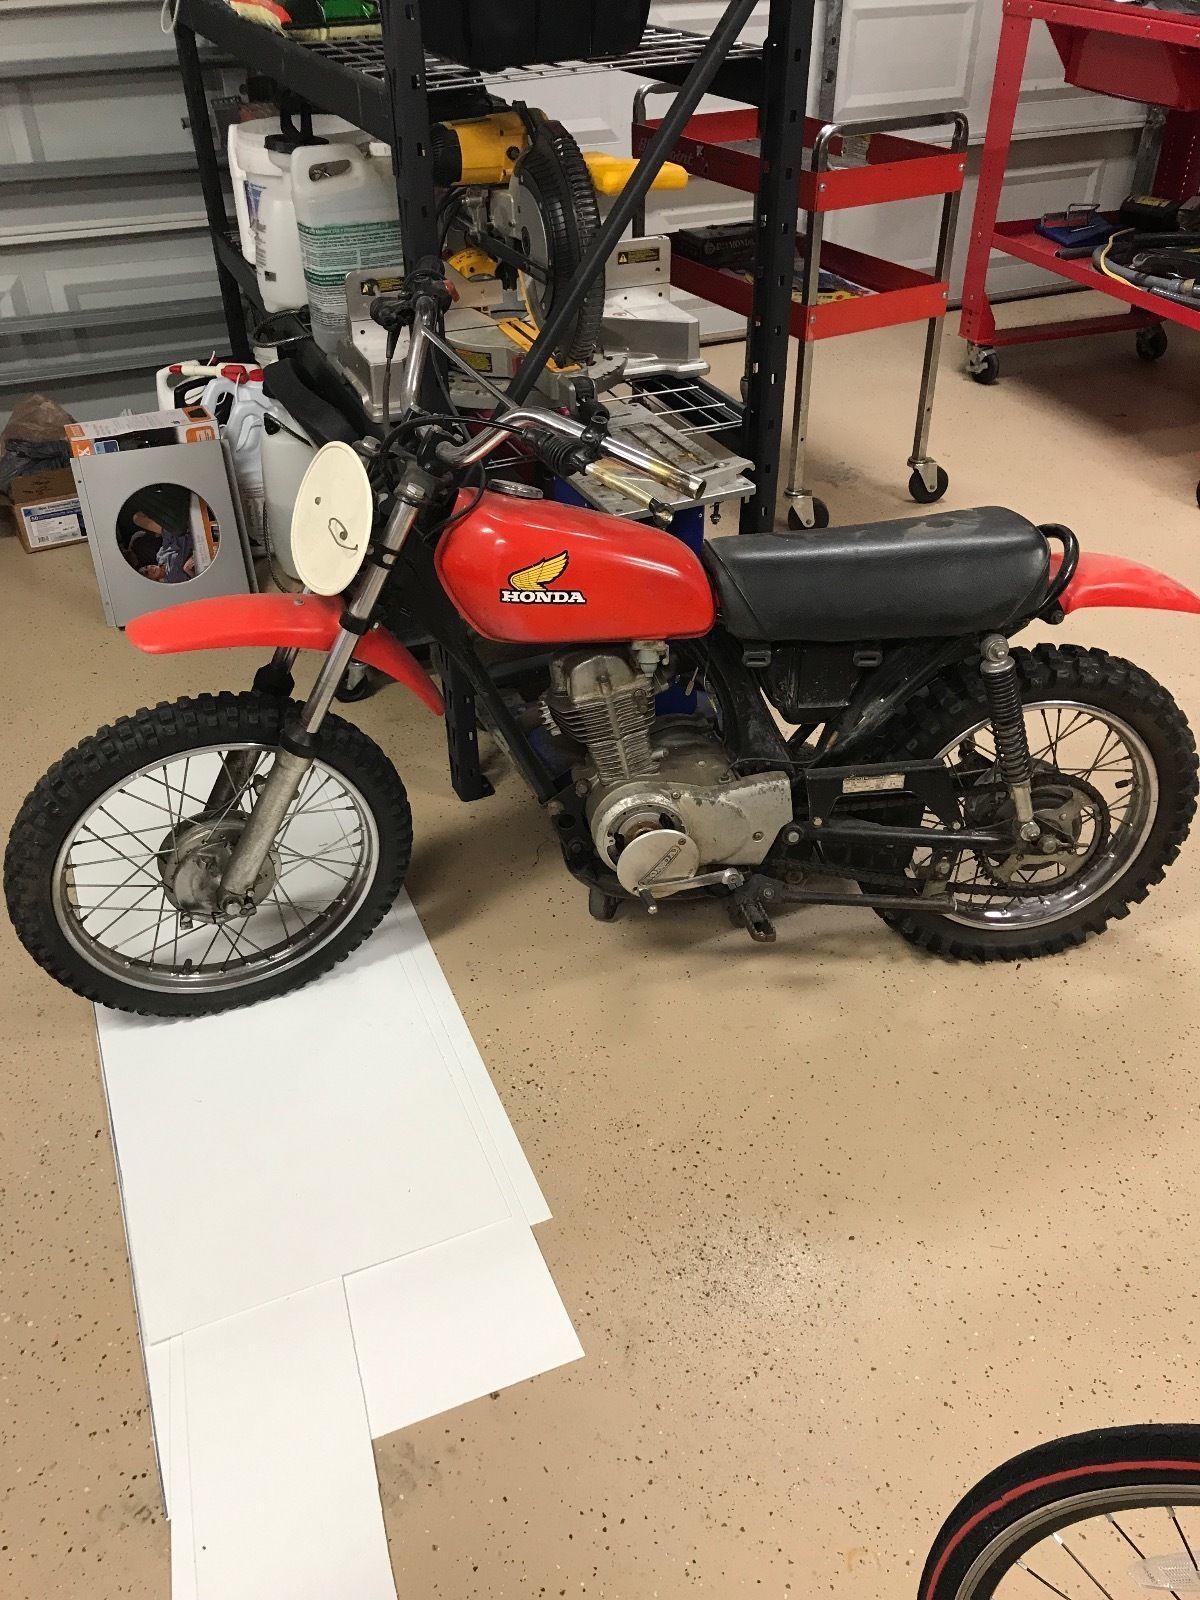 Cool Honda 2017: 1976 honda xr75 motorcycle Honda, Offroad, Cycling, Off  Road